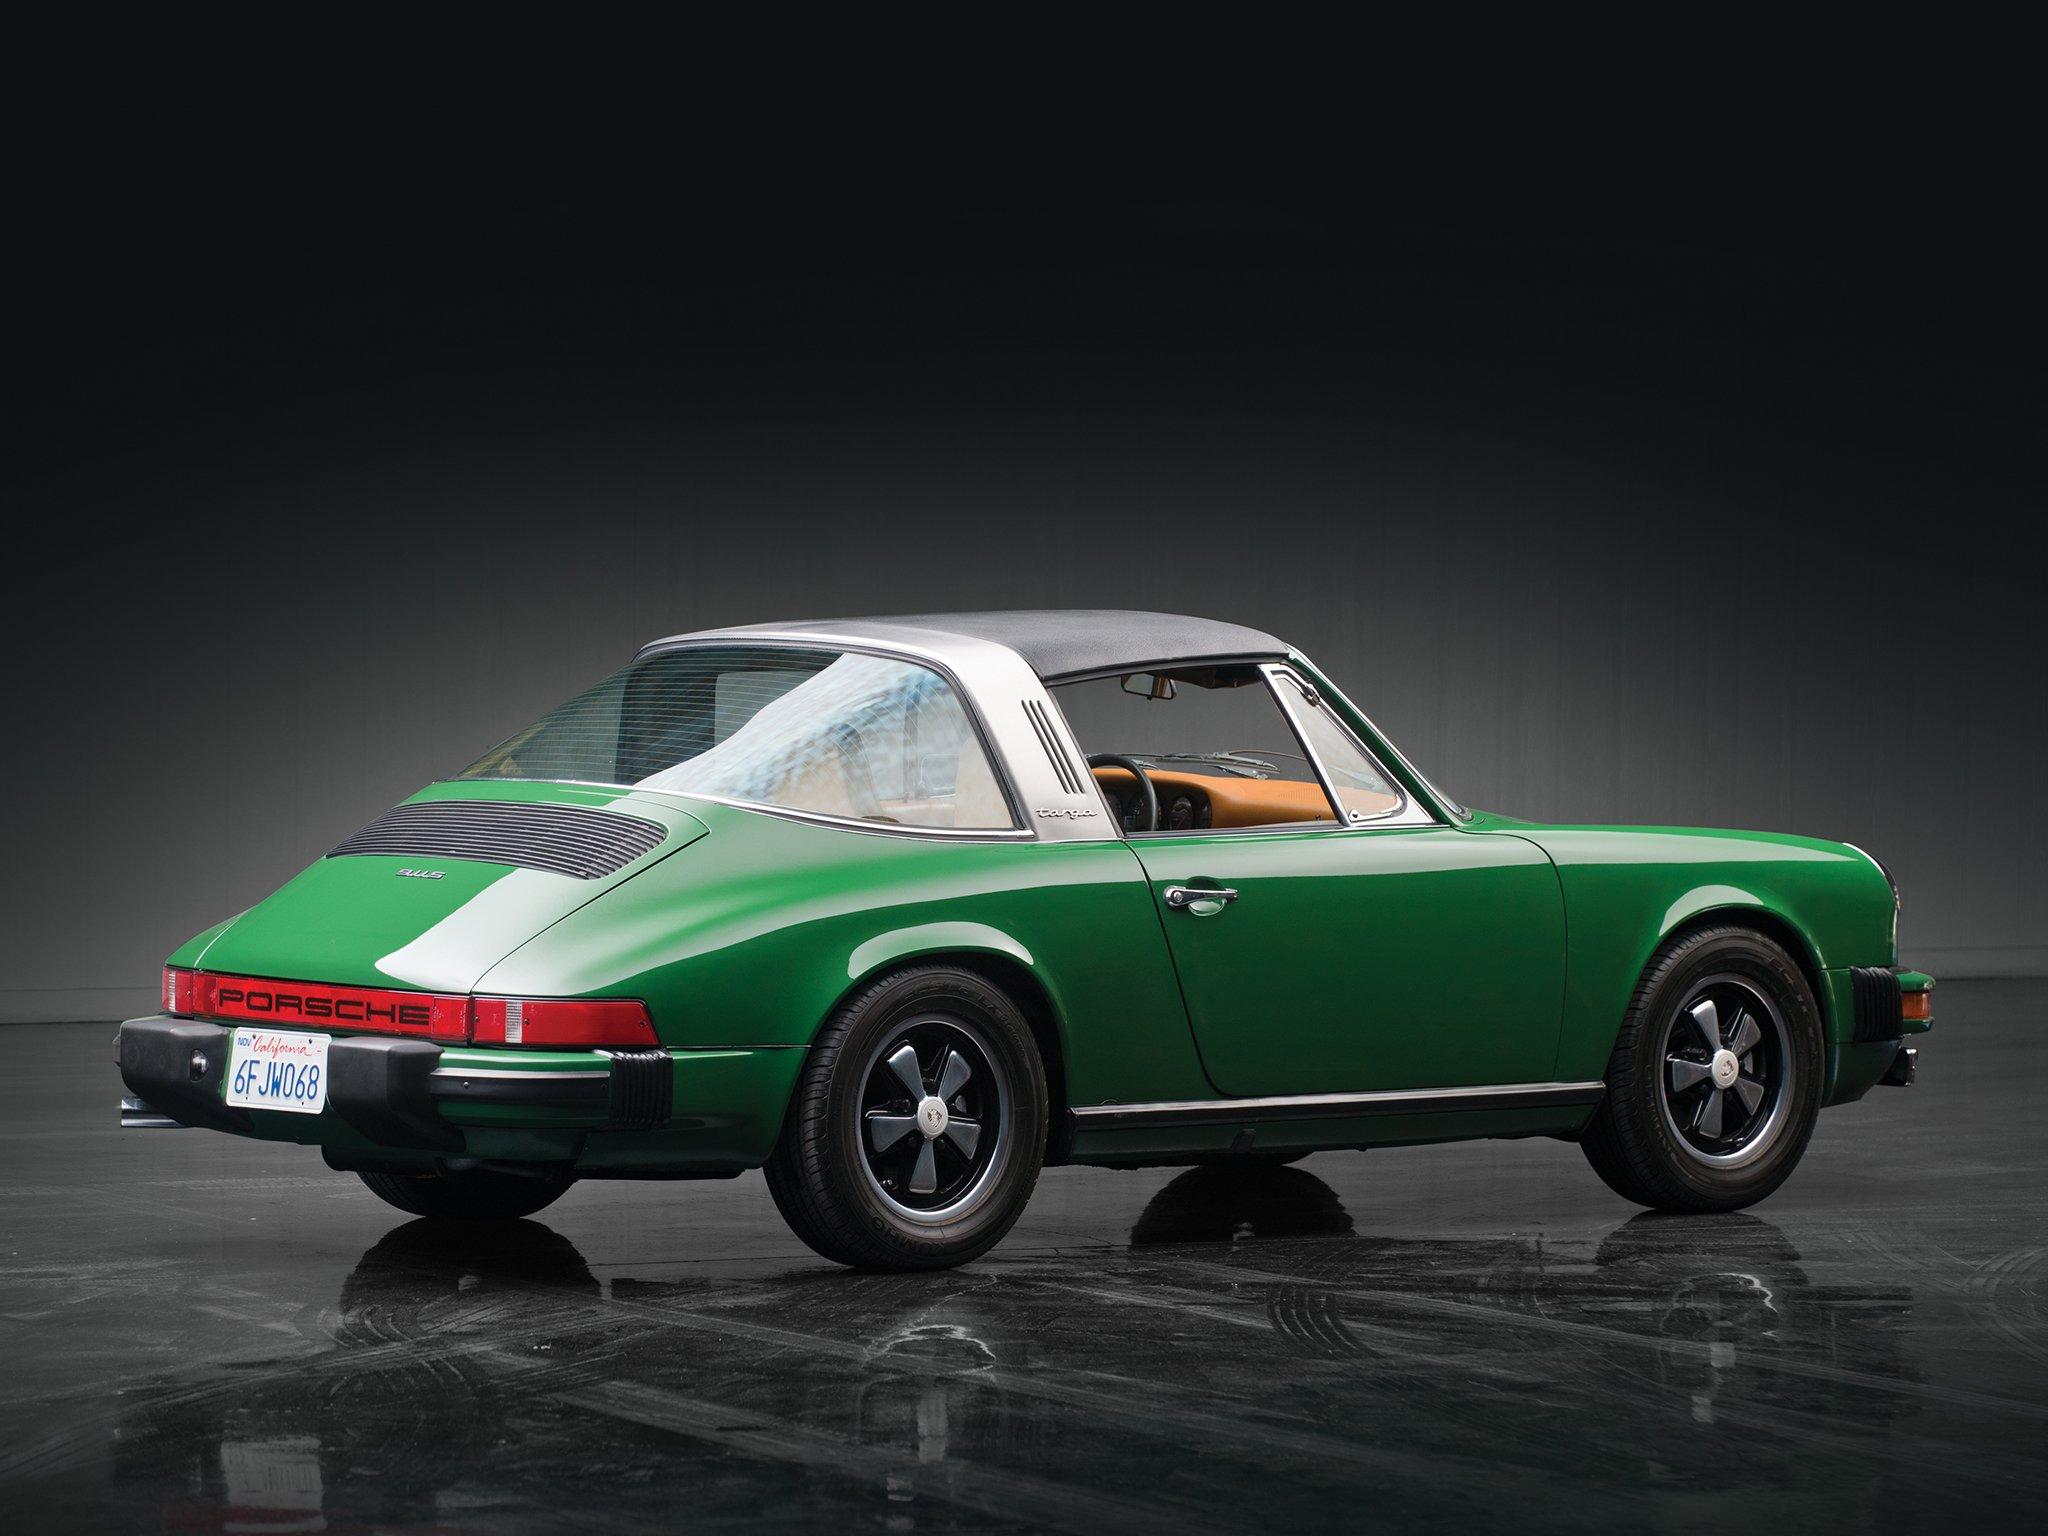 1975 porsche 911s targa us spec supercar 911 f wallpaper. Black Bedroom Furniture Sets. Home Design Ideas